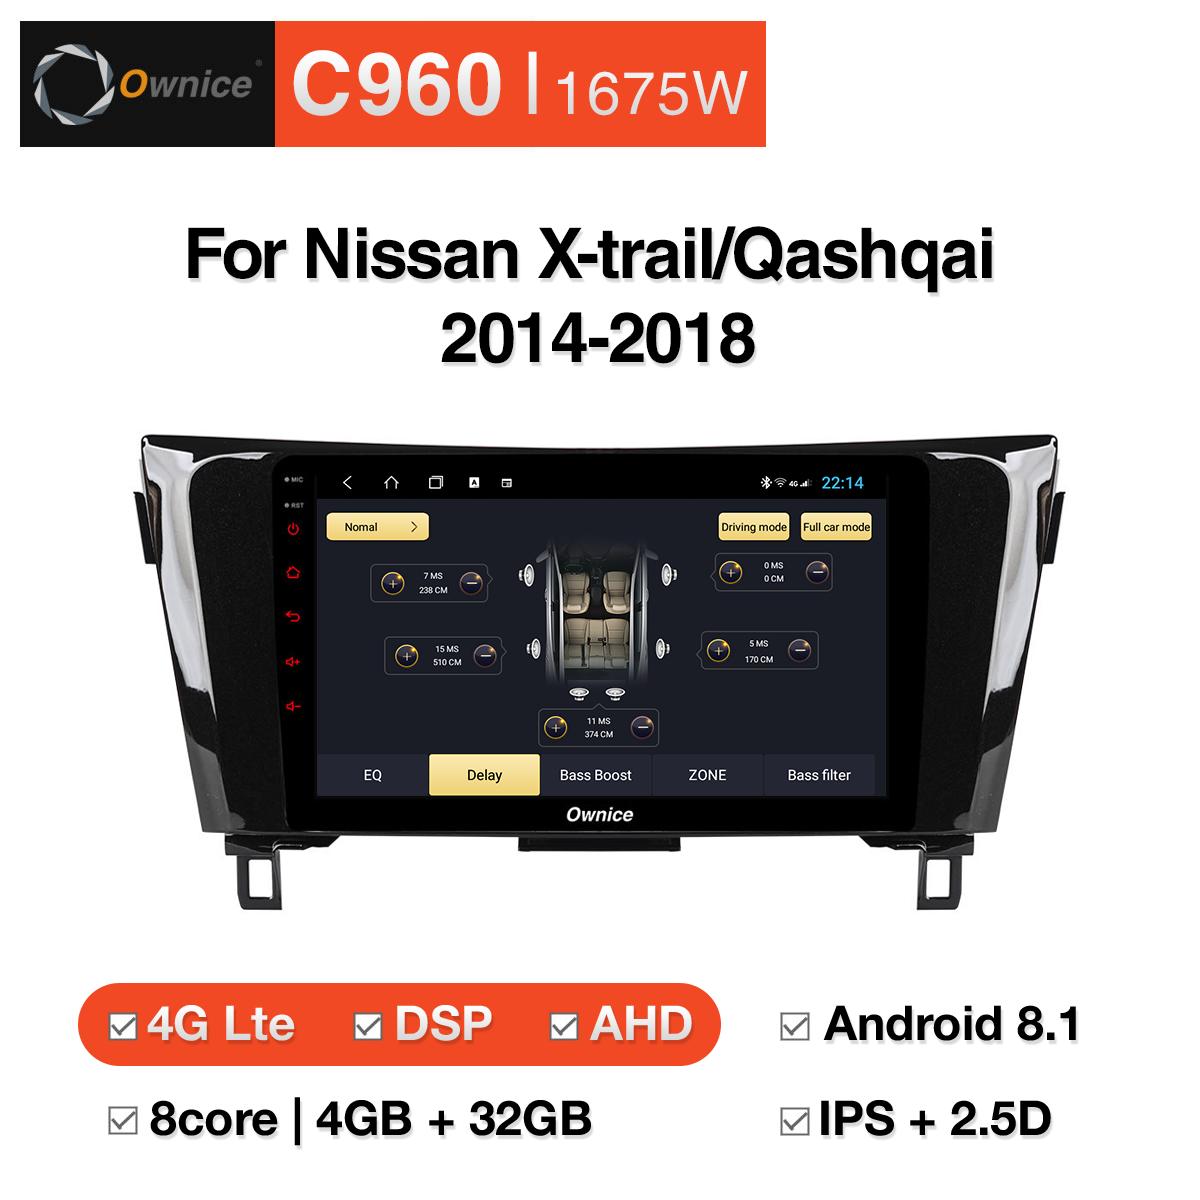 Đầu DVD android Ownice C960 cho xe ô tô Nissan X-trail/Qashqai 2014-2018